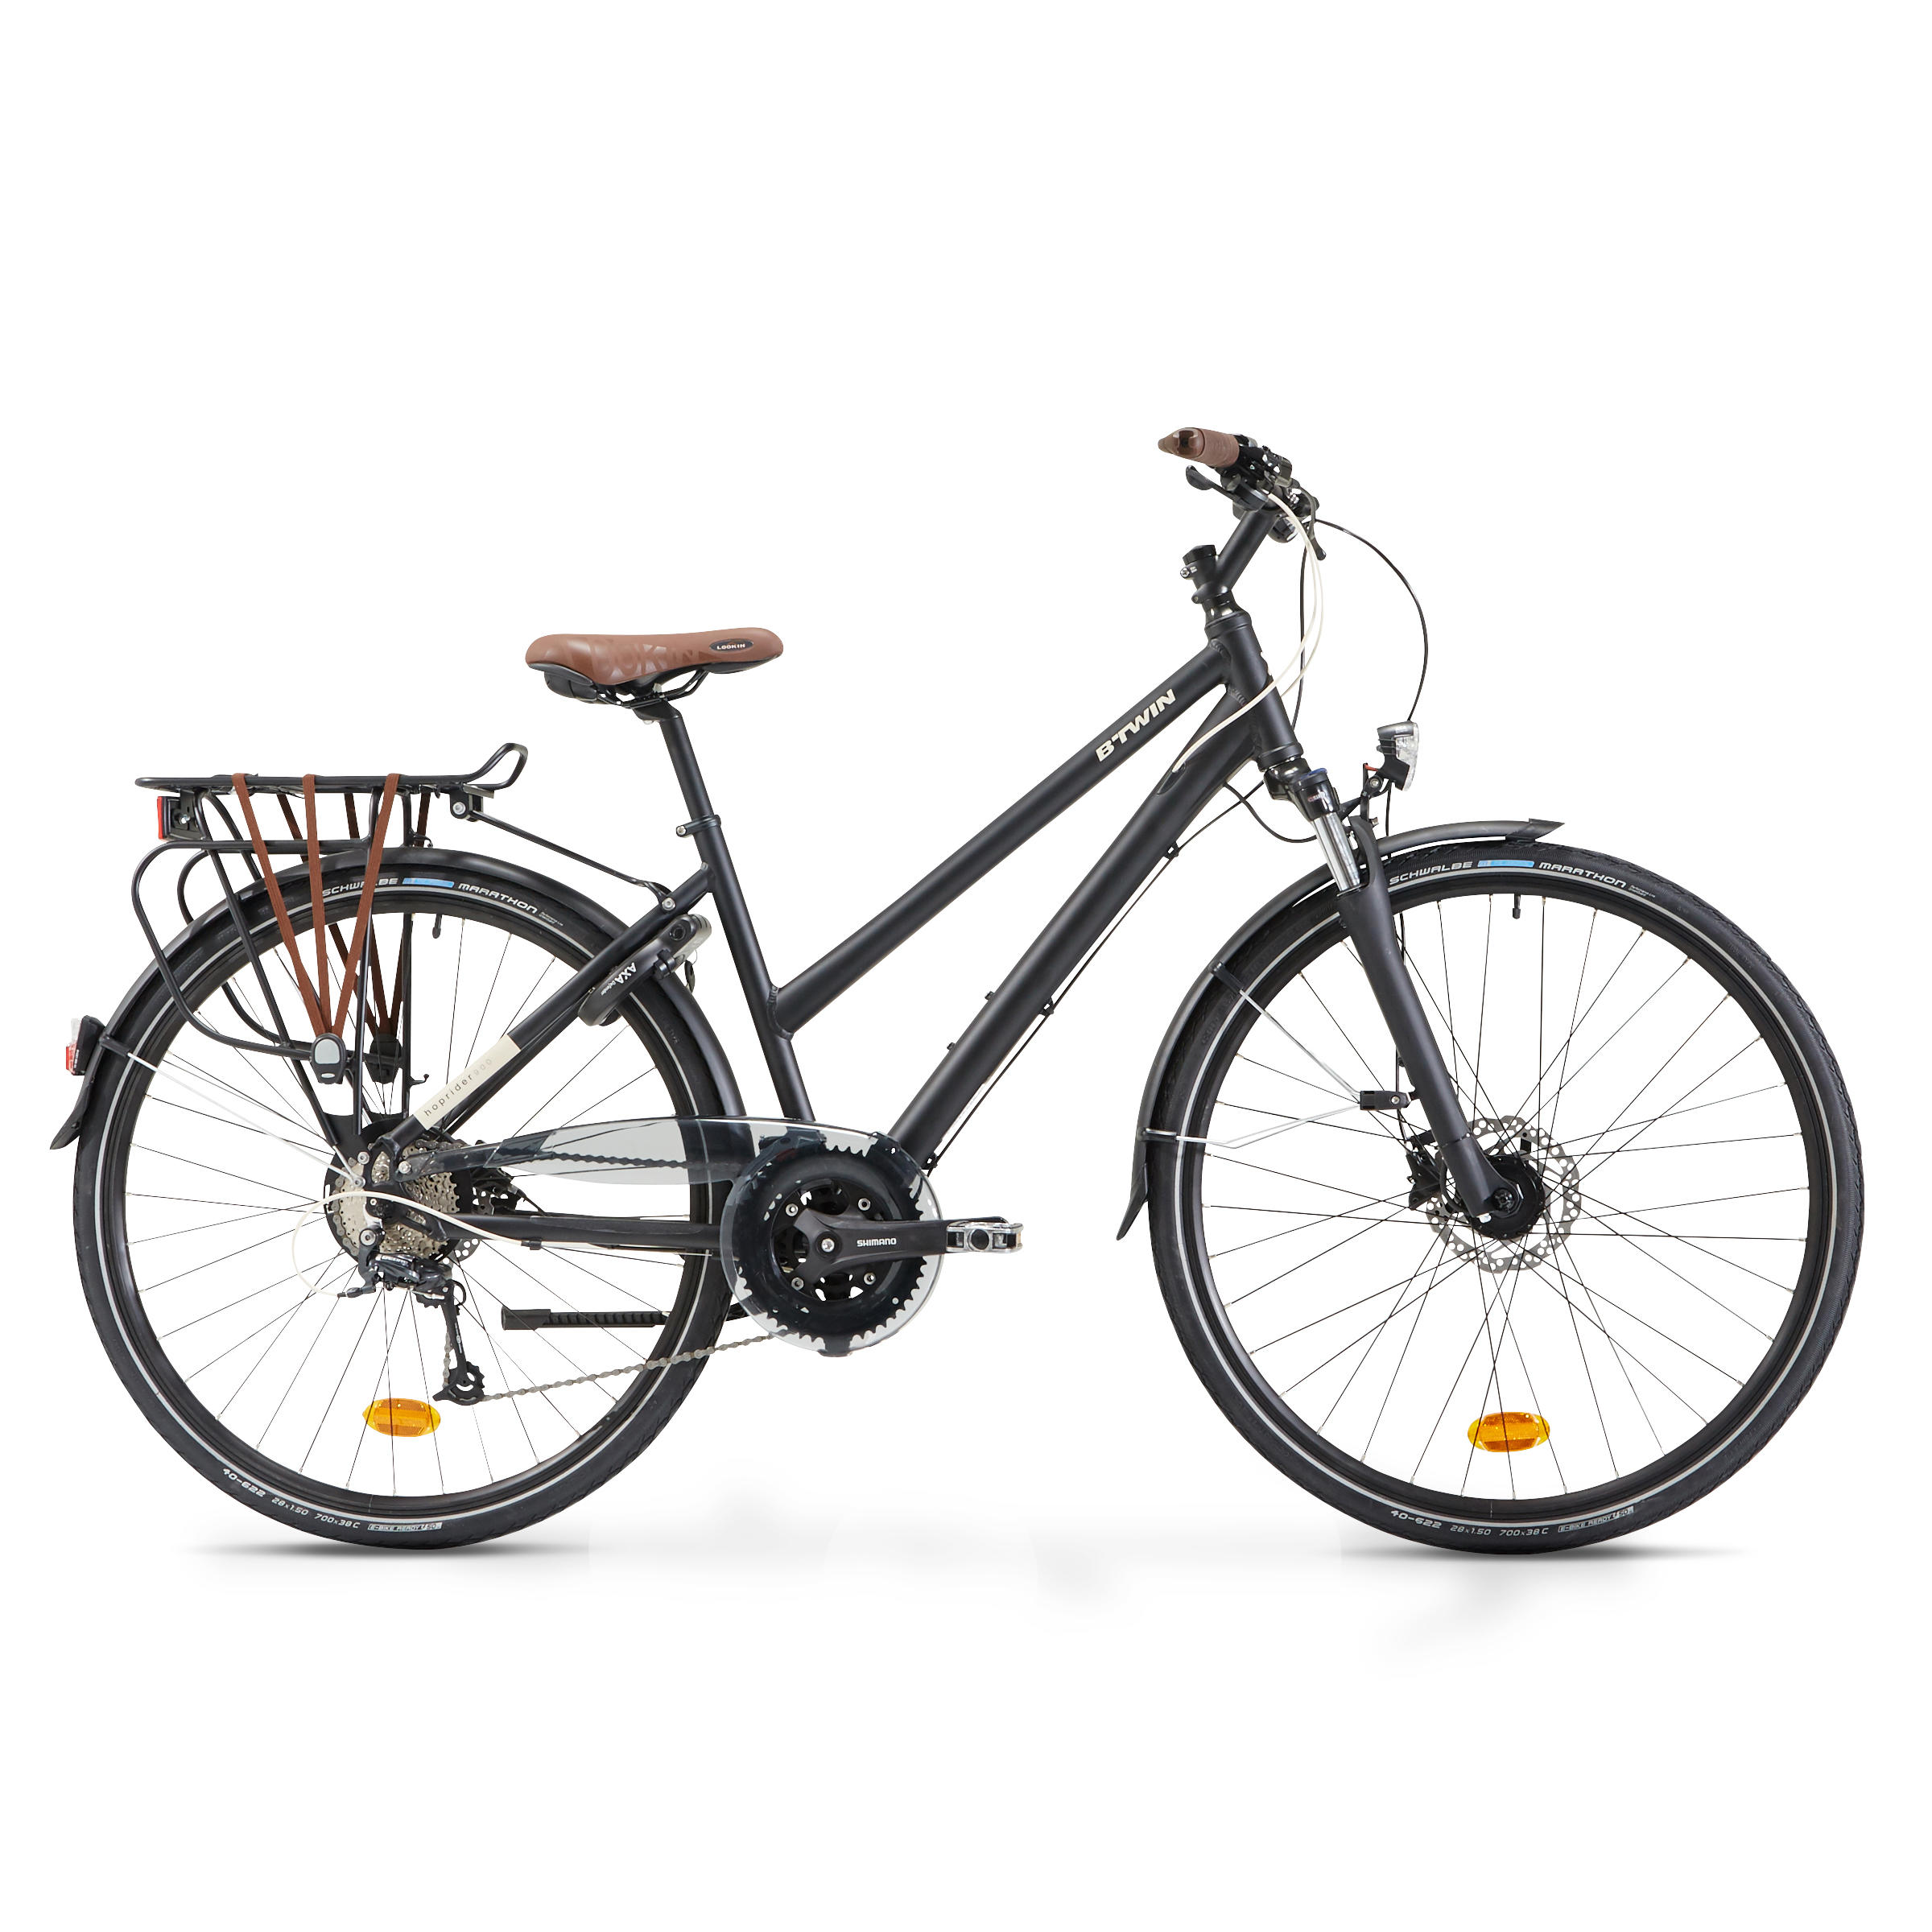 Bicicletă Oraş Hoprider 900 imagine